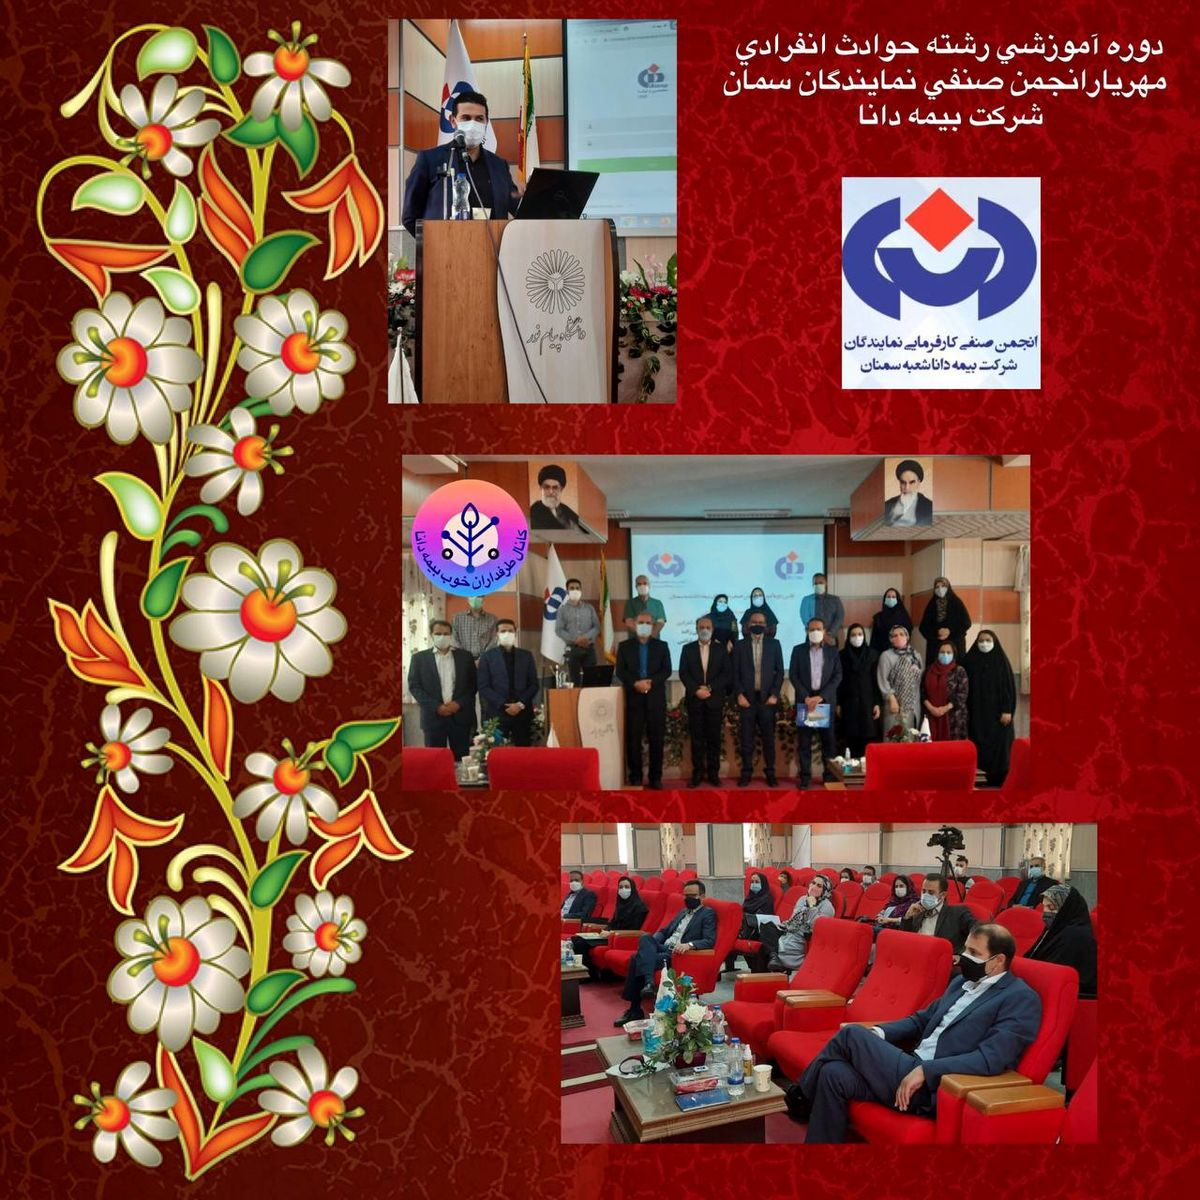 برگزاری اولین دوره آموزشی انجمن صنفی نمایندگان سمنان شرکت بیمه دانا